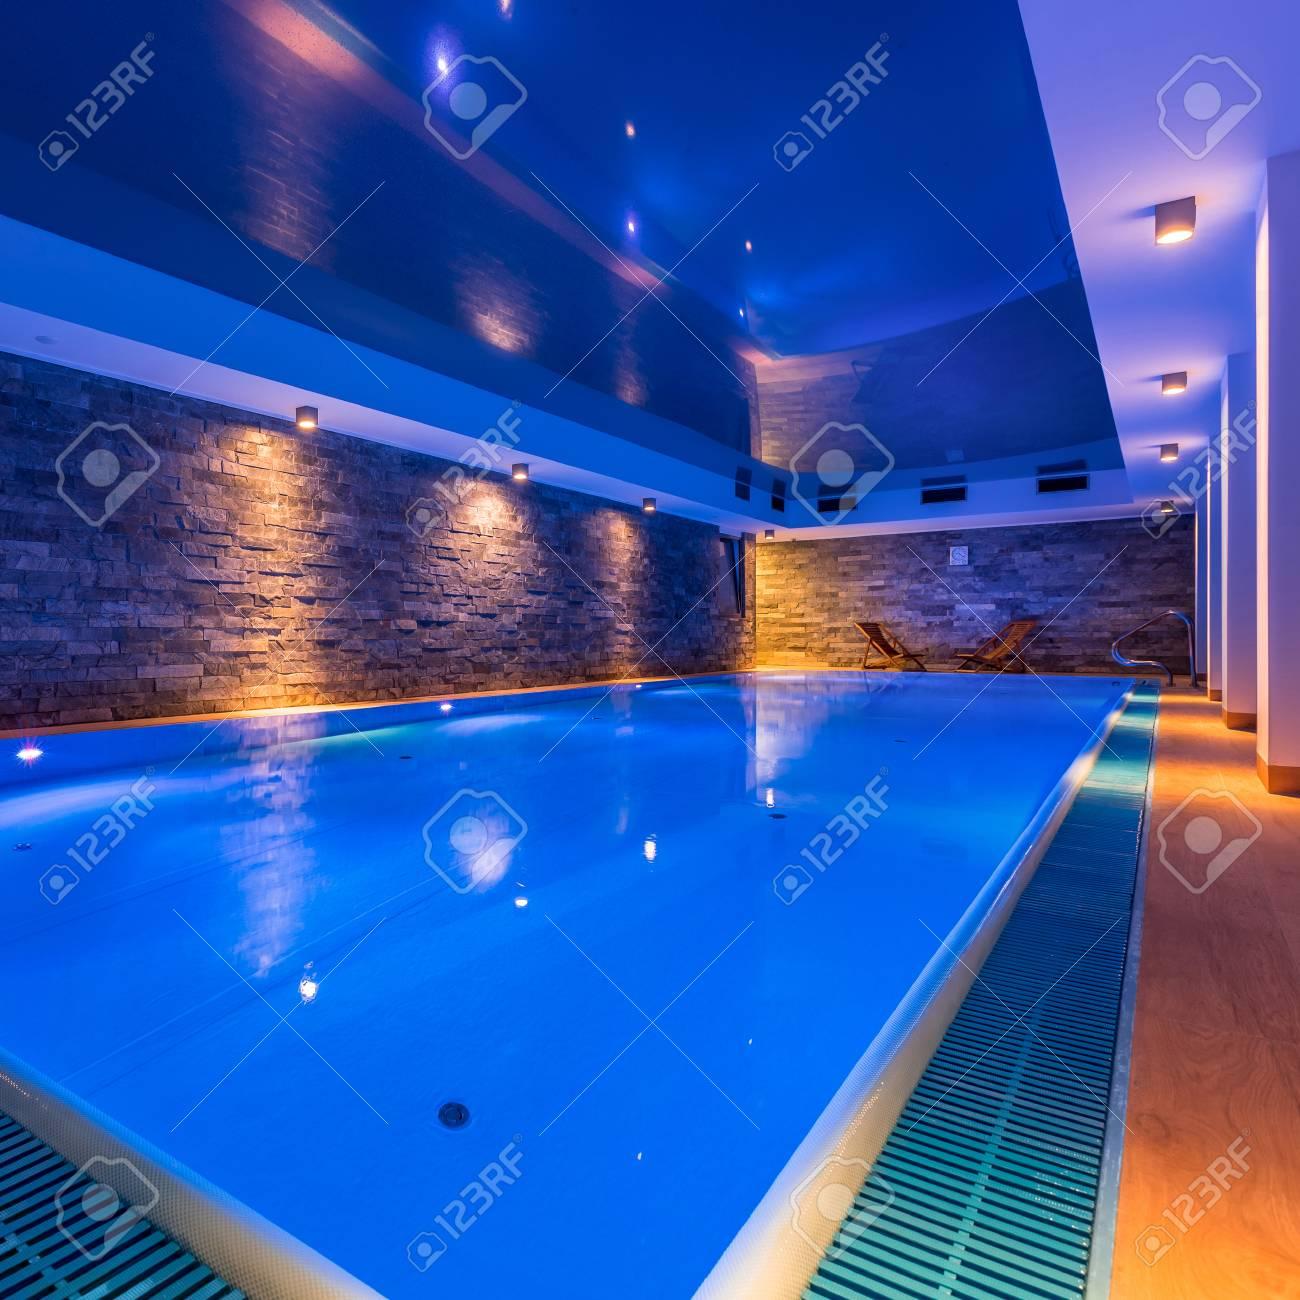 Piscine Interieure De Luxe Dans Le Spa De L Hotel Moderne Banque D